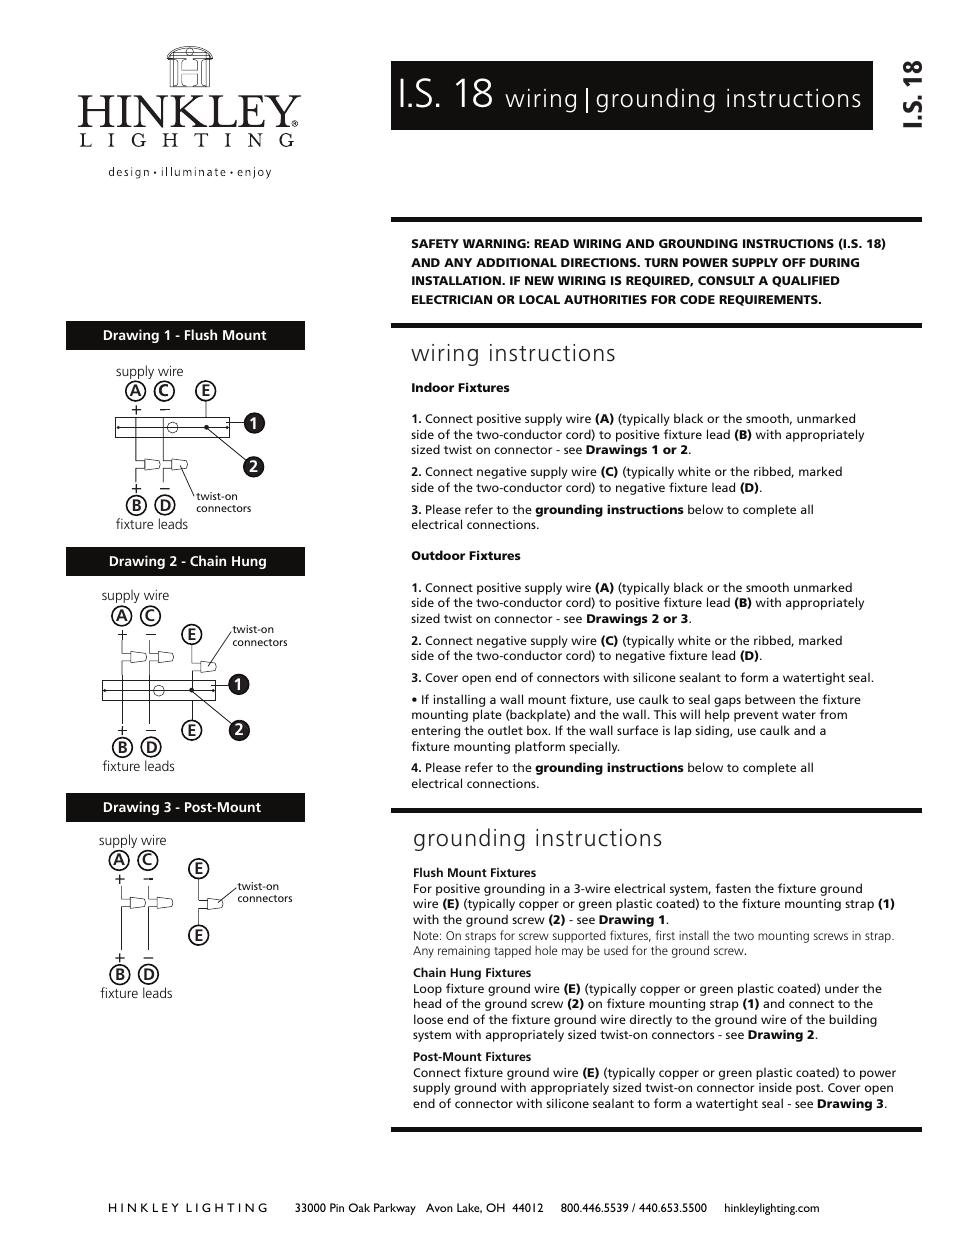 I.s. 18, I.s . 18, Wiring grounding instructions | Hinkley Lighting ...